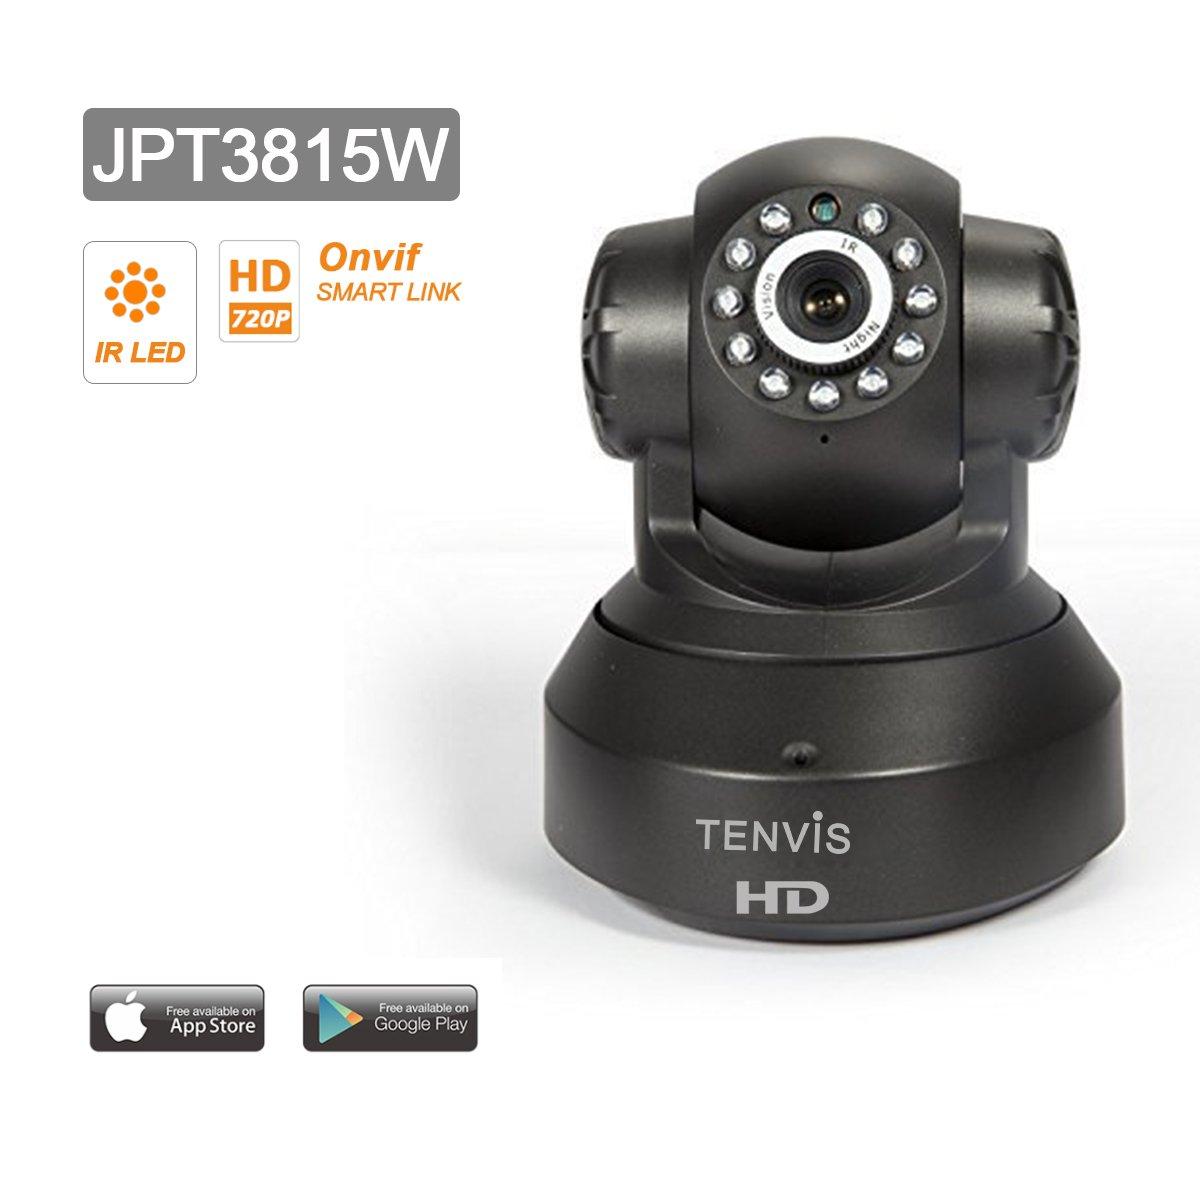 Tenvis jpt3815w c mara ip de seguridad en hd 720p 1280x720 h264 amazon es electr nica